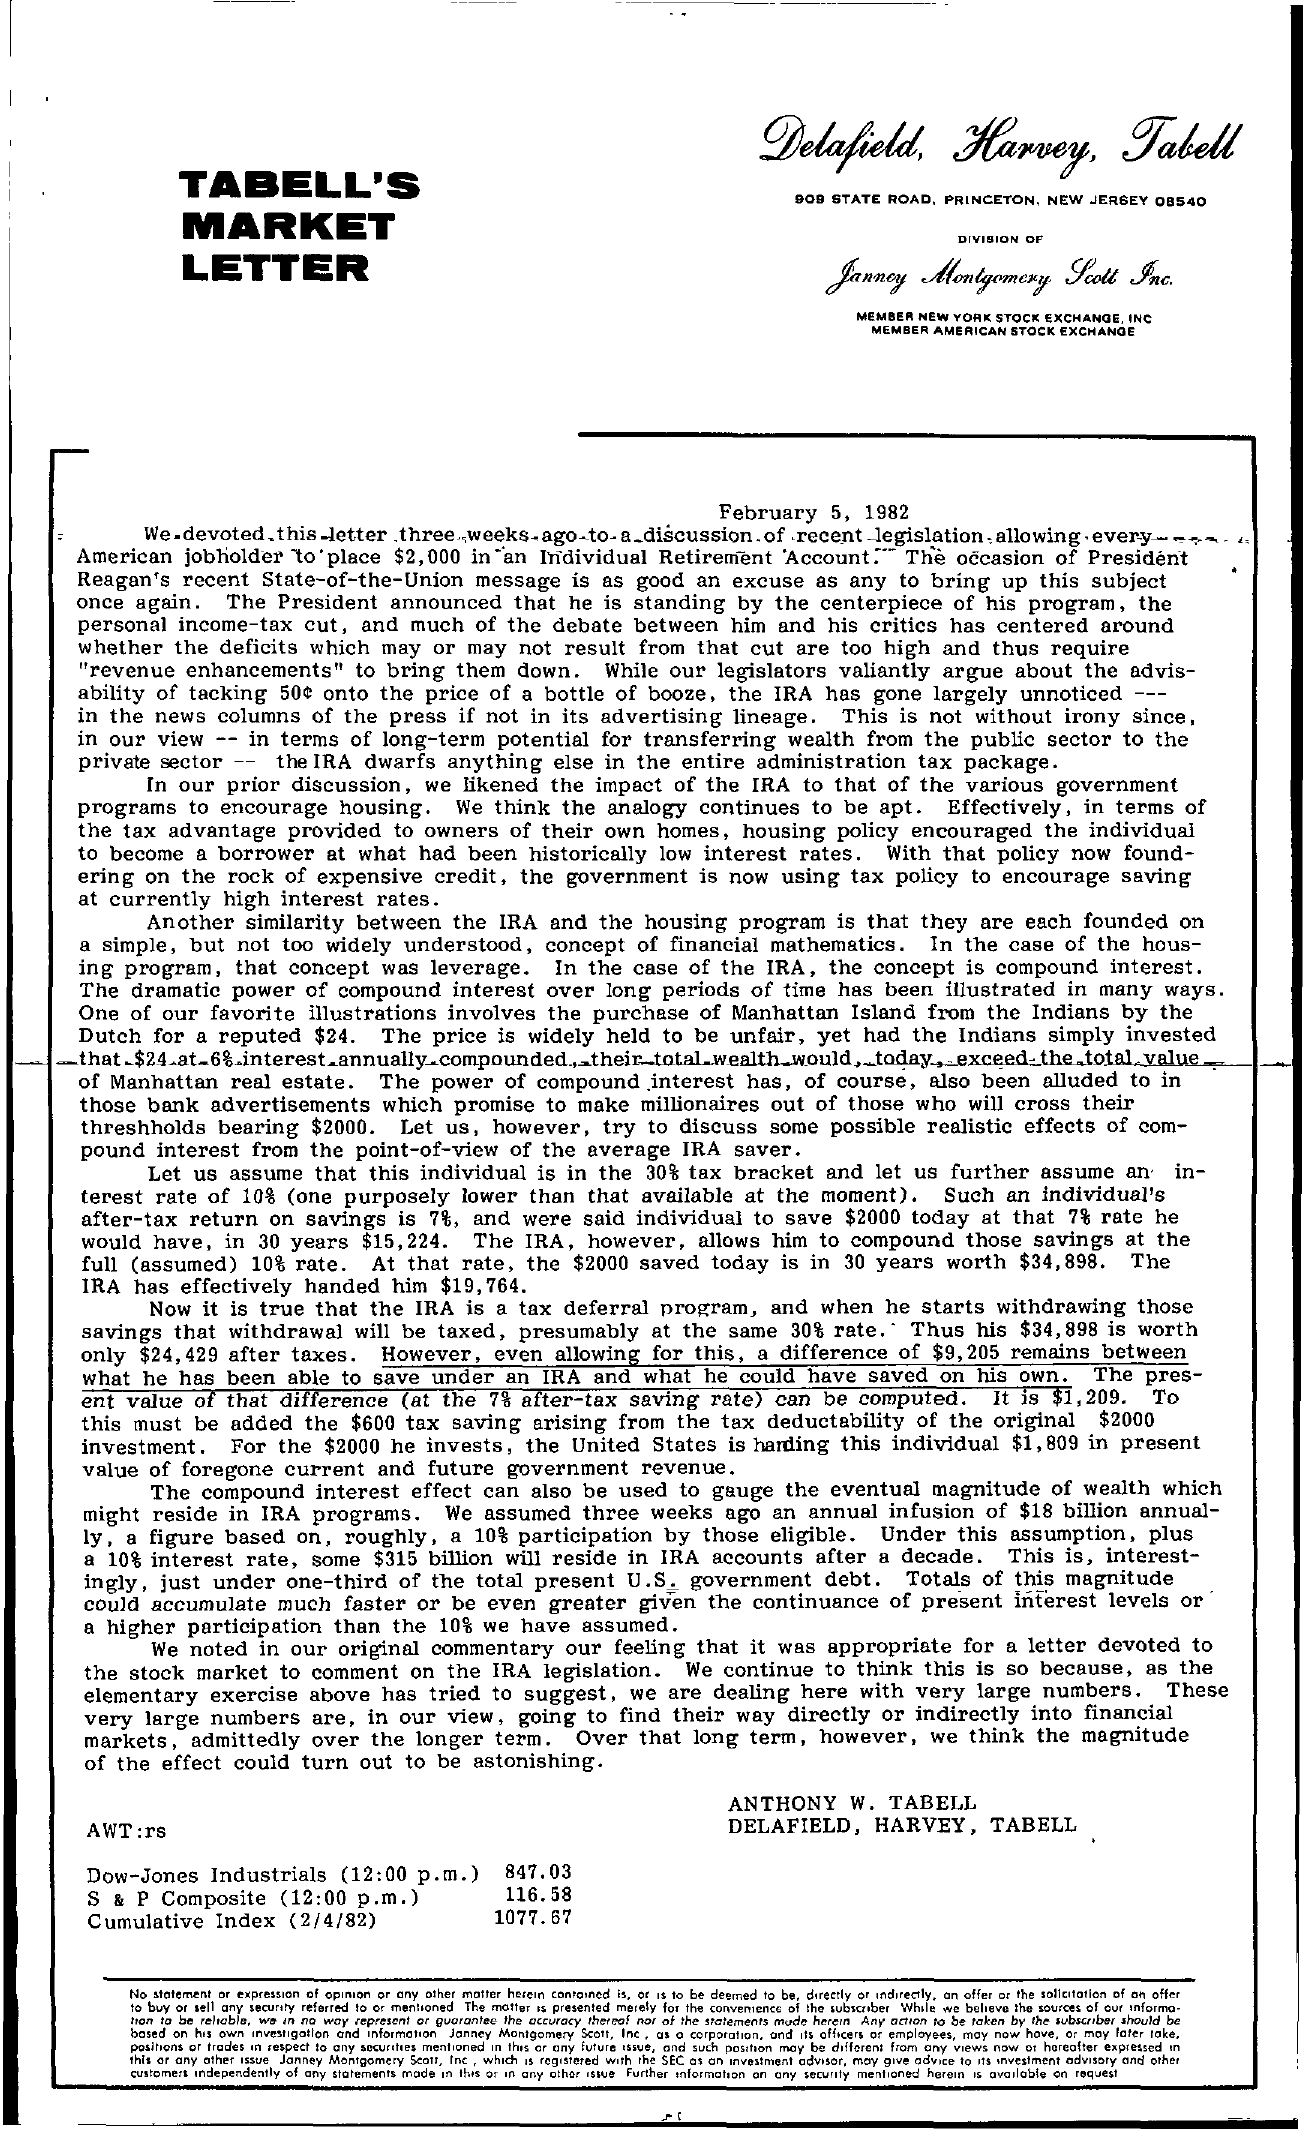 Tabell's Market Letter - February 05, 1982